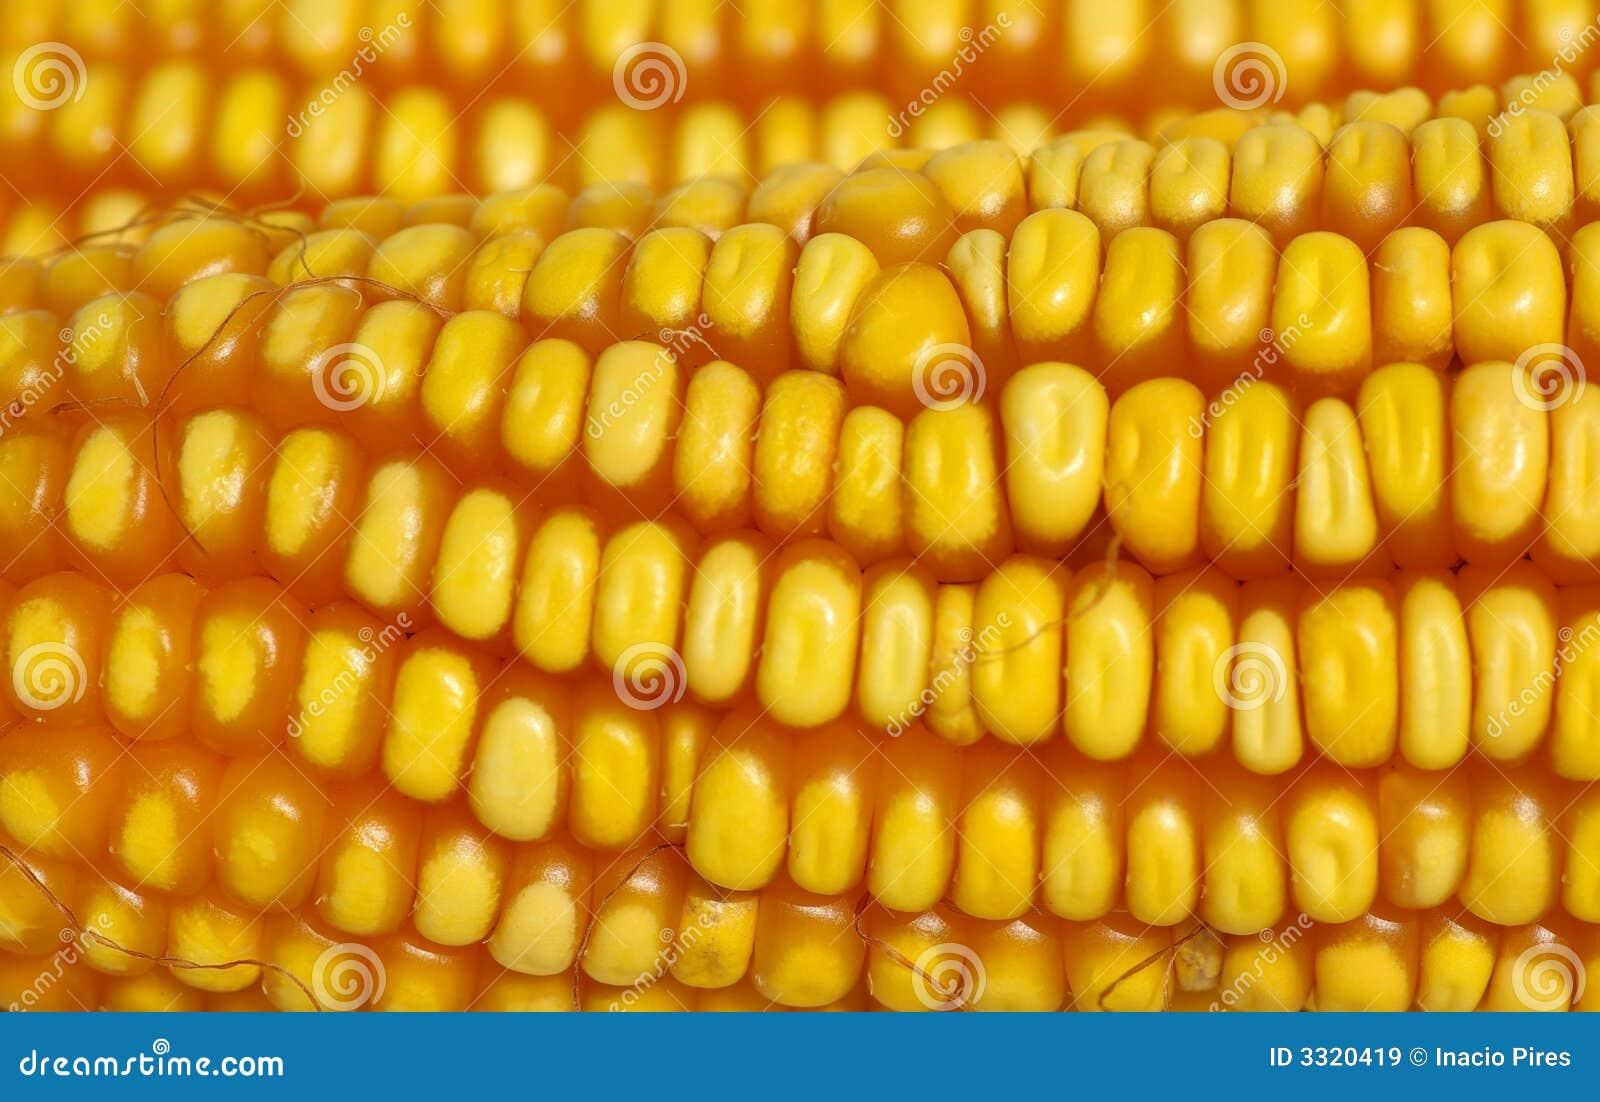 Close up do milho amarelo